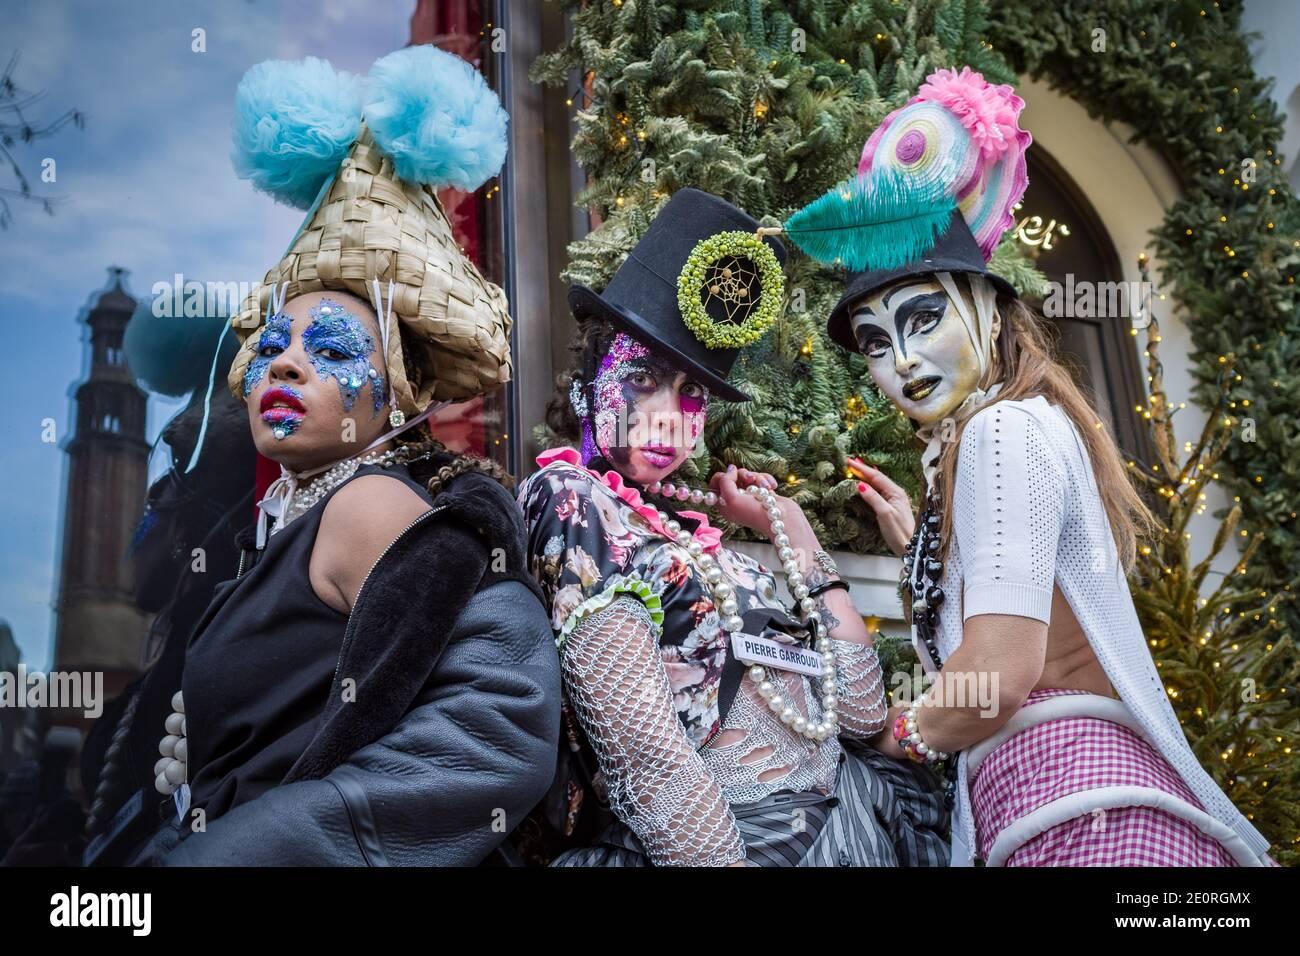 Londres, Royaume-Uni. 2 janvier 2021. Les modèles prennent part à un spectacle de mode coloré de rue tormode près de Sloane Square pour le designer Pierre Garroudi. Credit: Guy Corbishley / Alamy Live News Banque D'Images